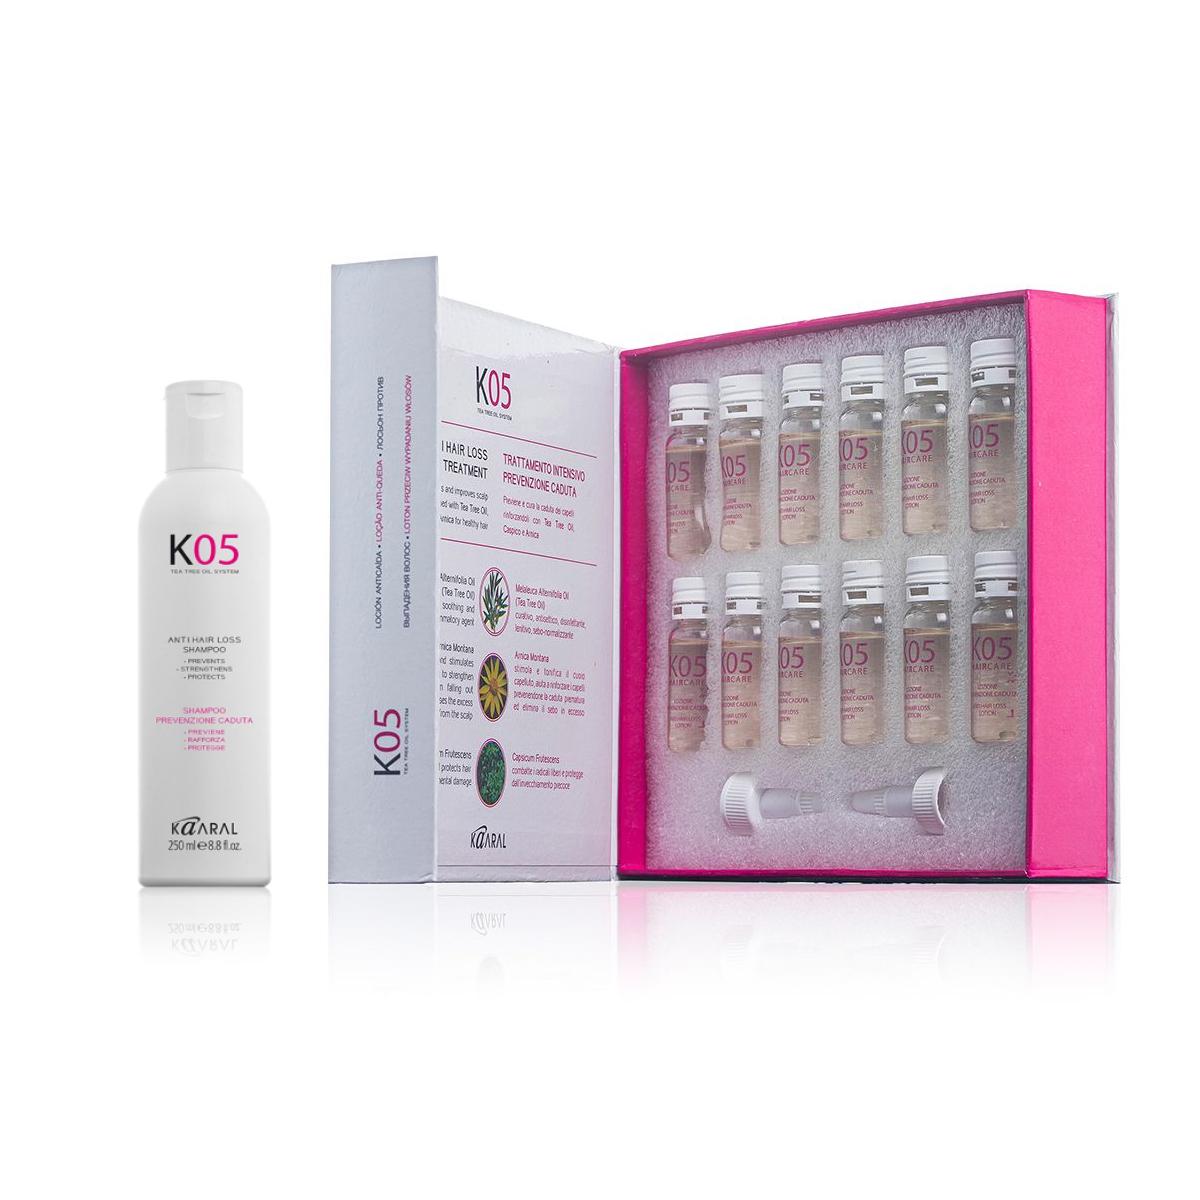 Kaaral K05 Anti Hair Loss Shampoo Treatment Duo 250ml